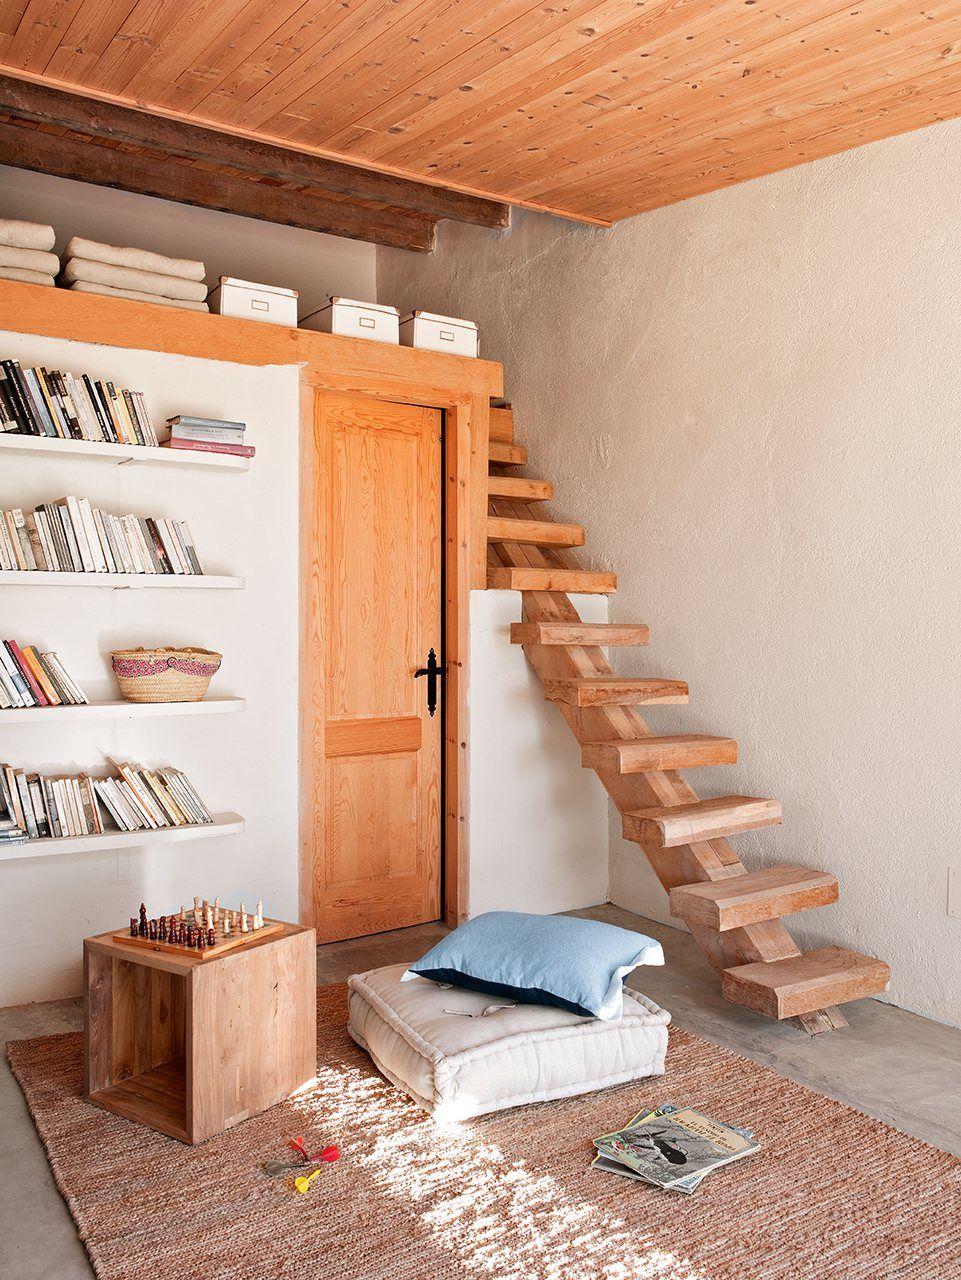 Un altillo el altillo tiene un metro de altura la for Escaleras para altillo